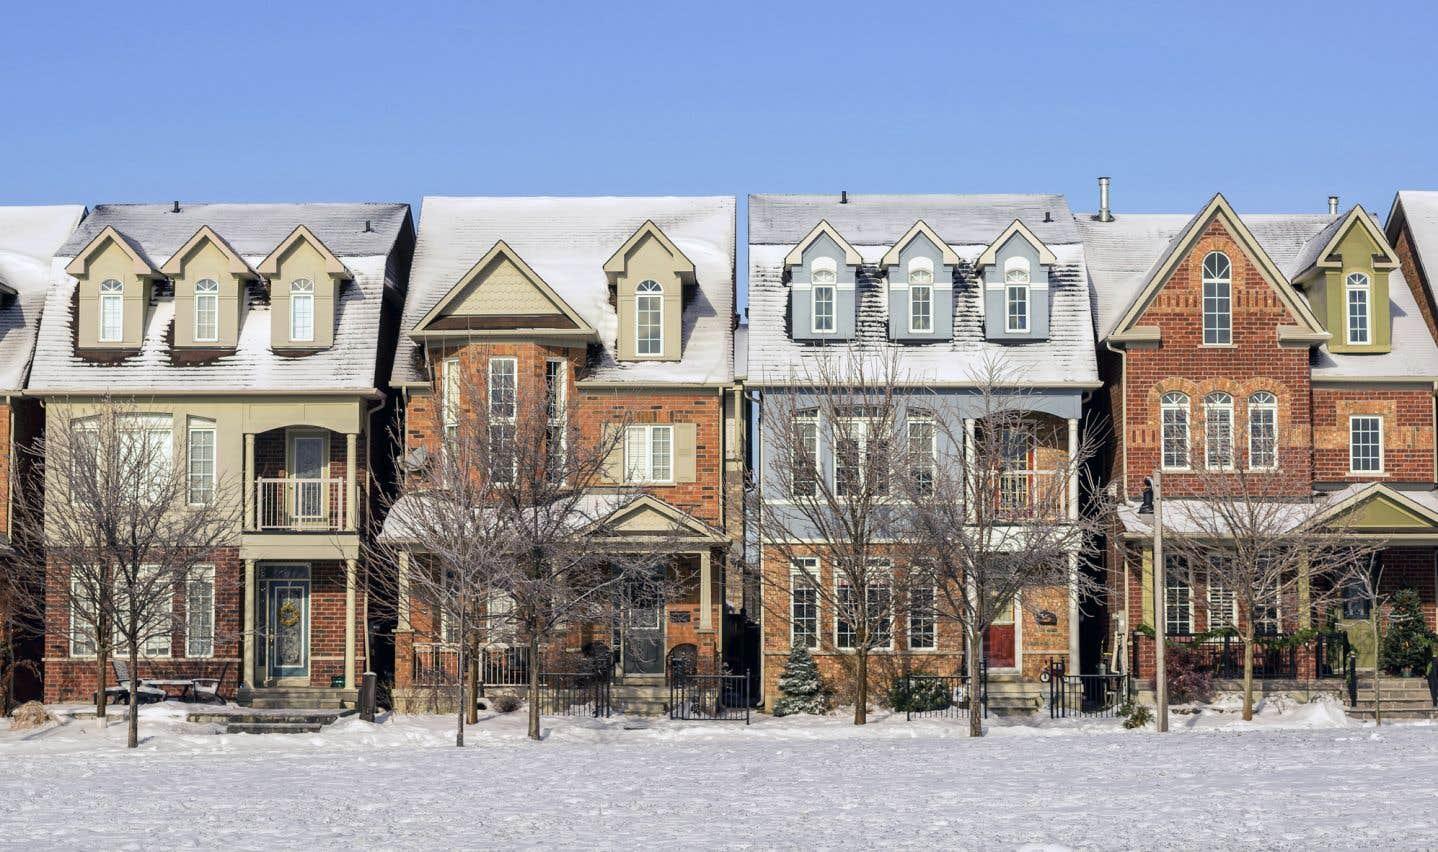 Le marché de l'habitation résidentielle se ressentira de cette hausse graduelle du loyer de l'argent combinée à de nouvelles mesures restreignant l'accès à la propriété appliquées le 1erjanvier prochain.